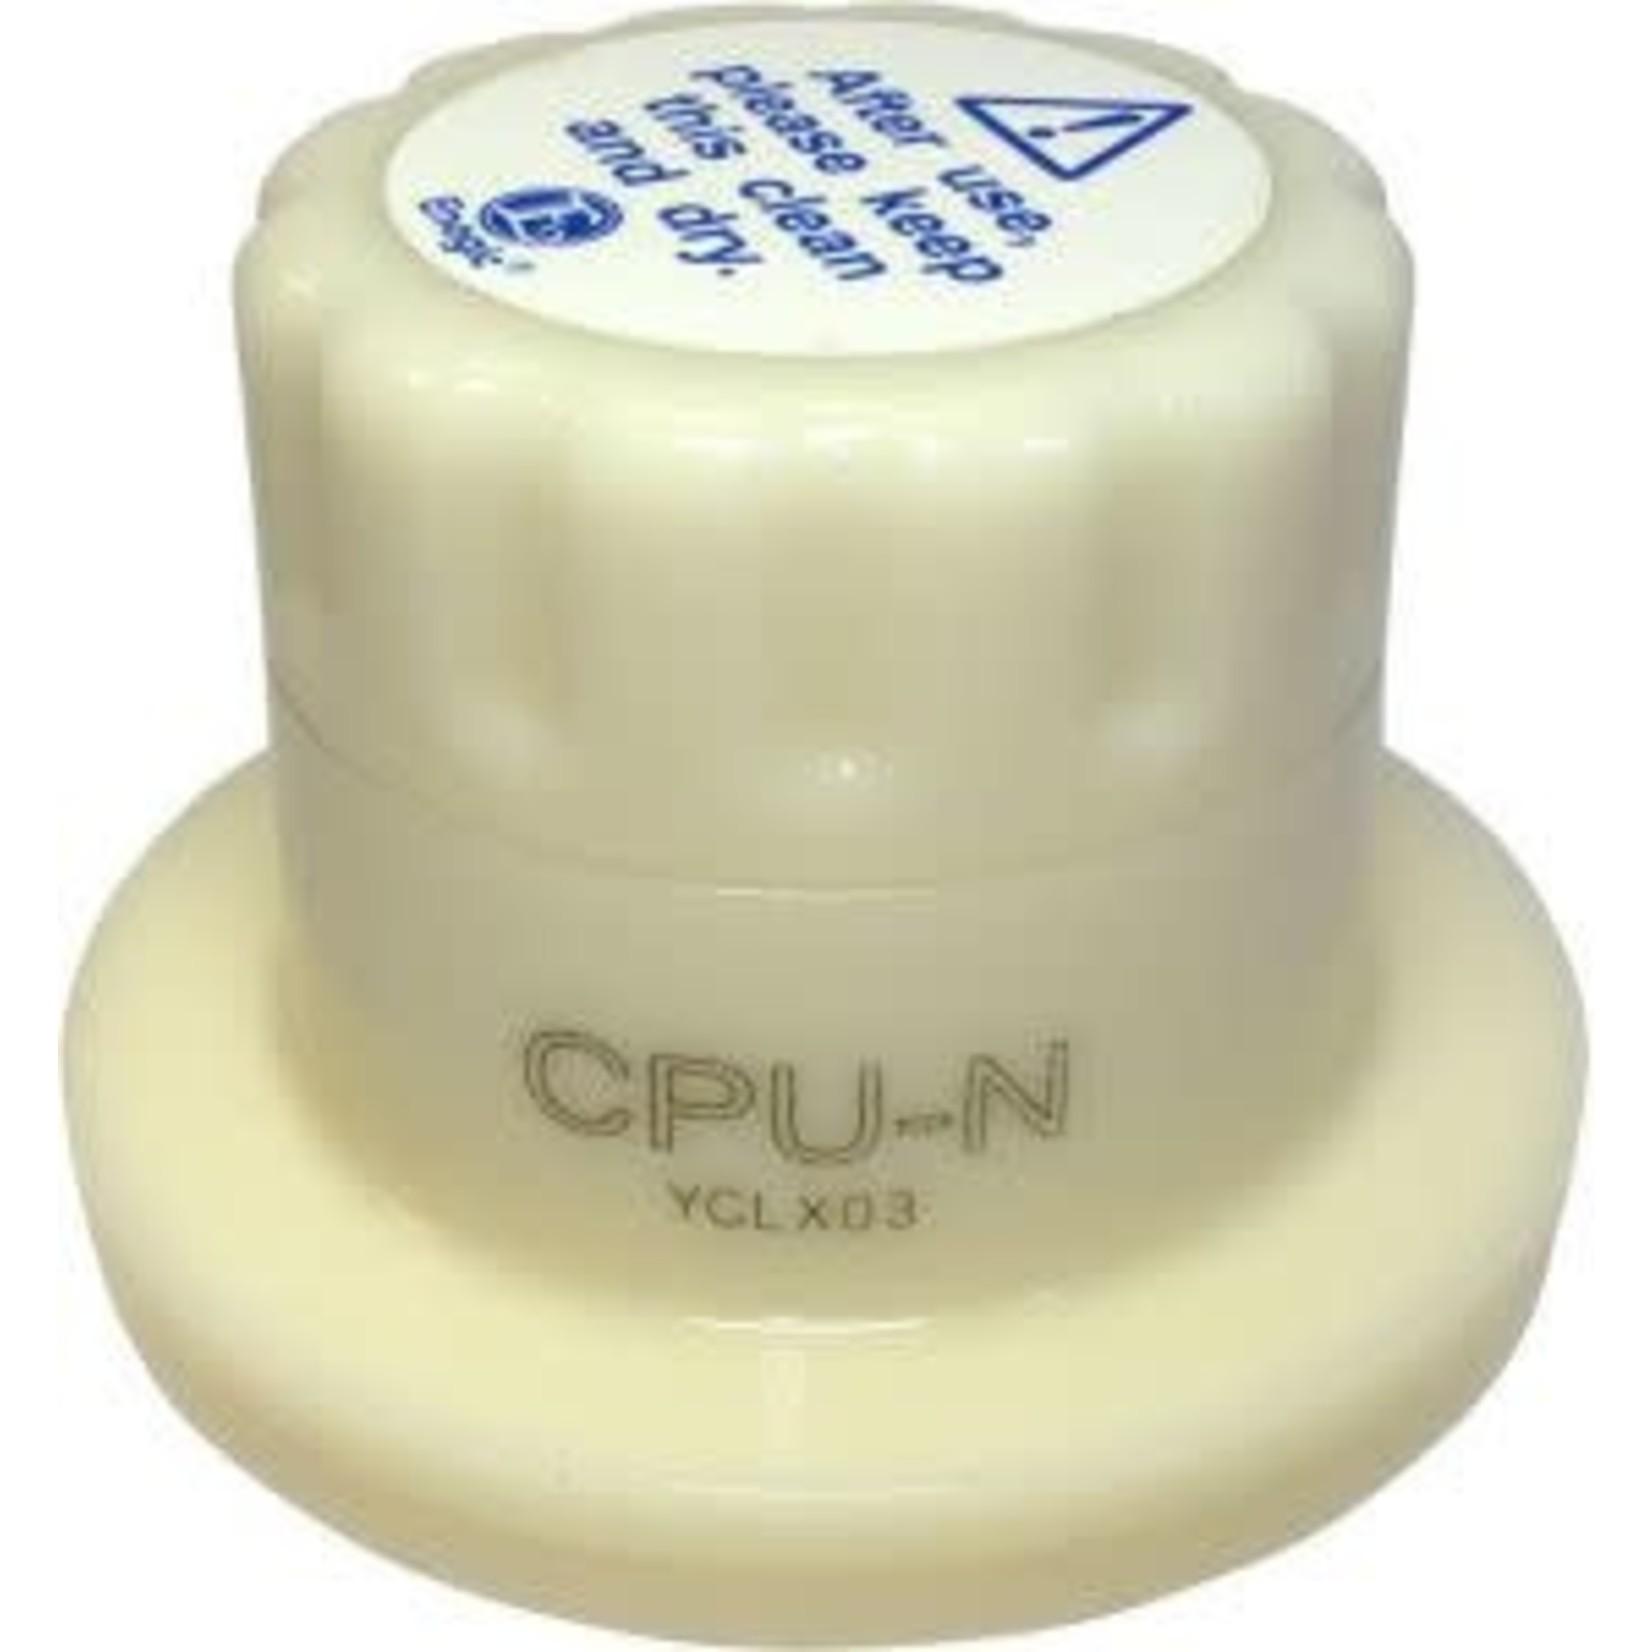 Enagic Kangen CPU-N (New) Cleaning Cartridge